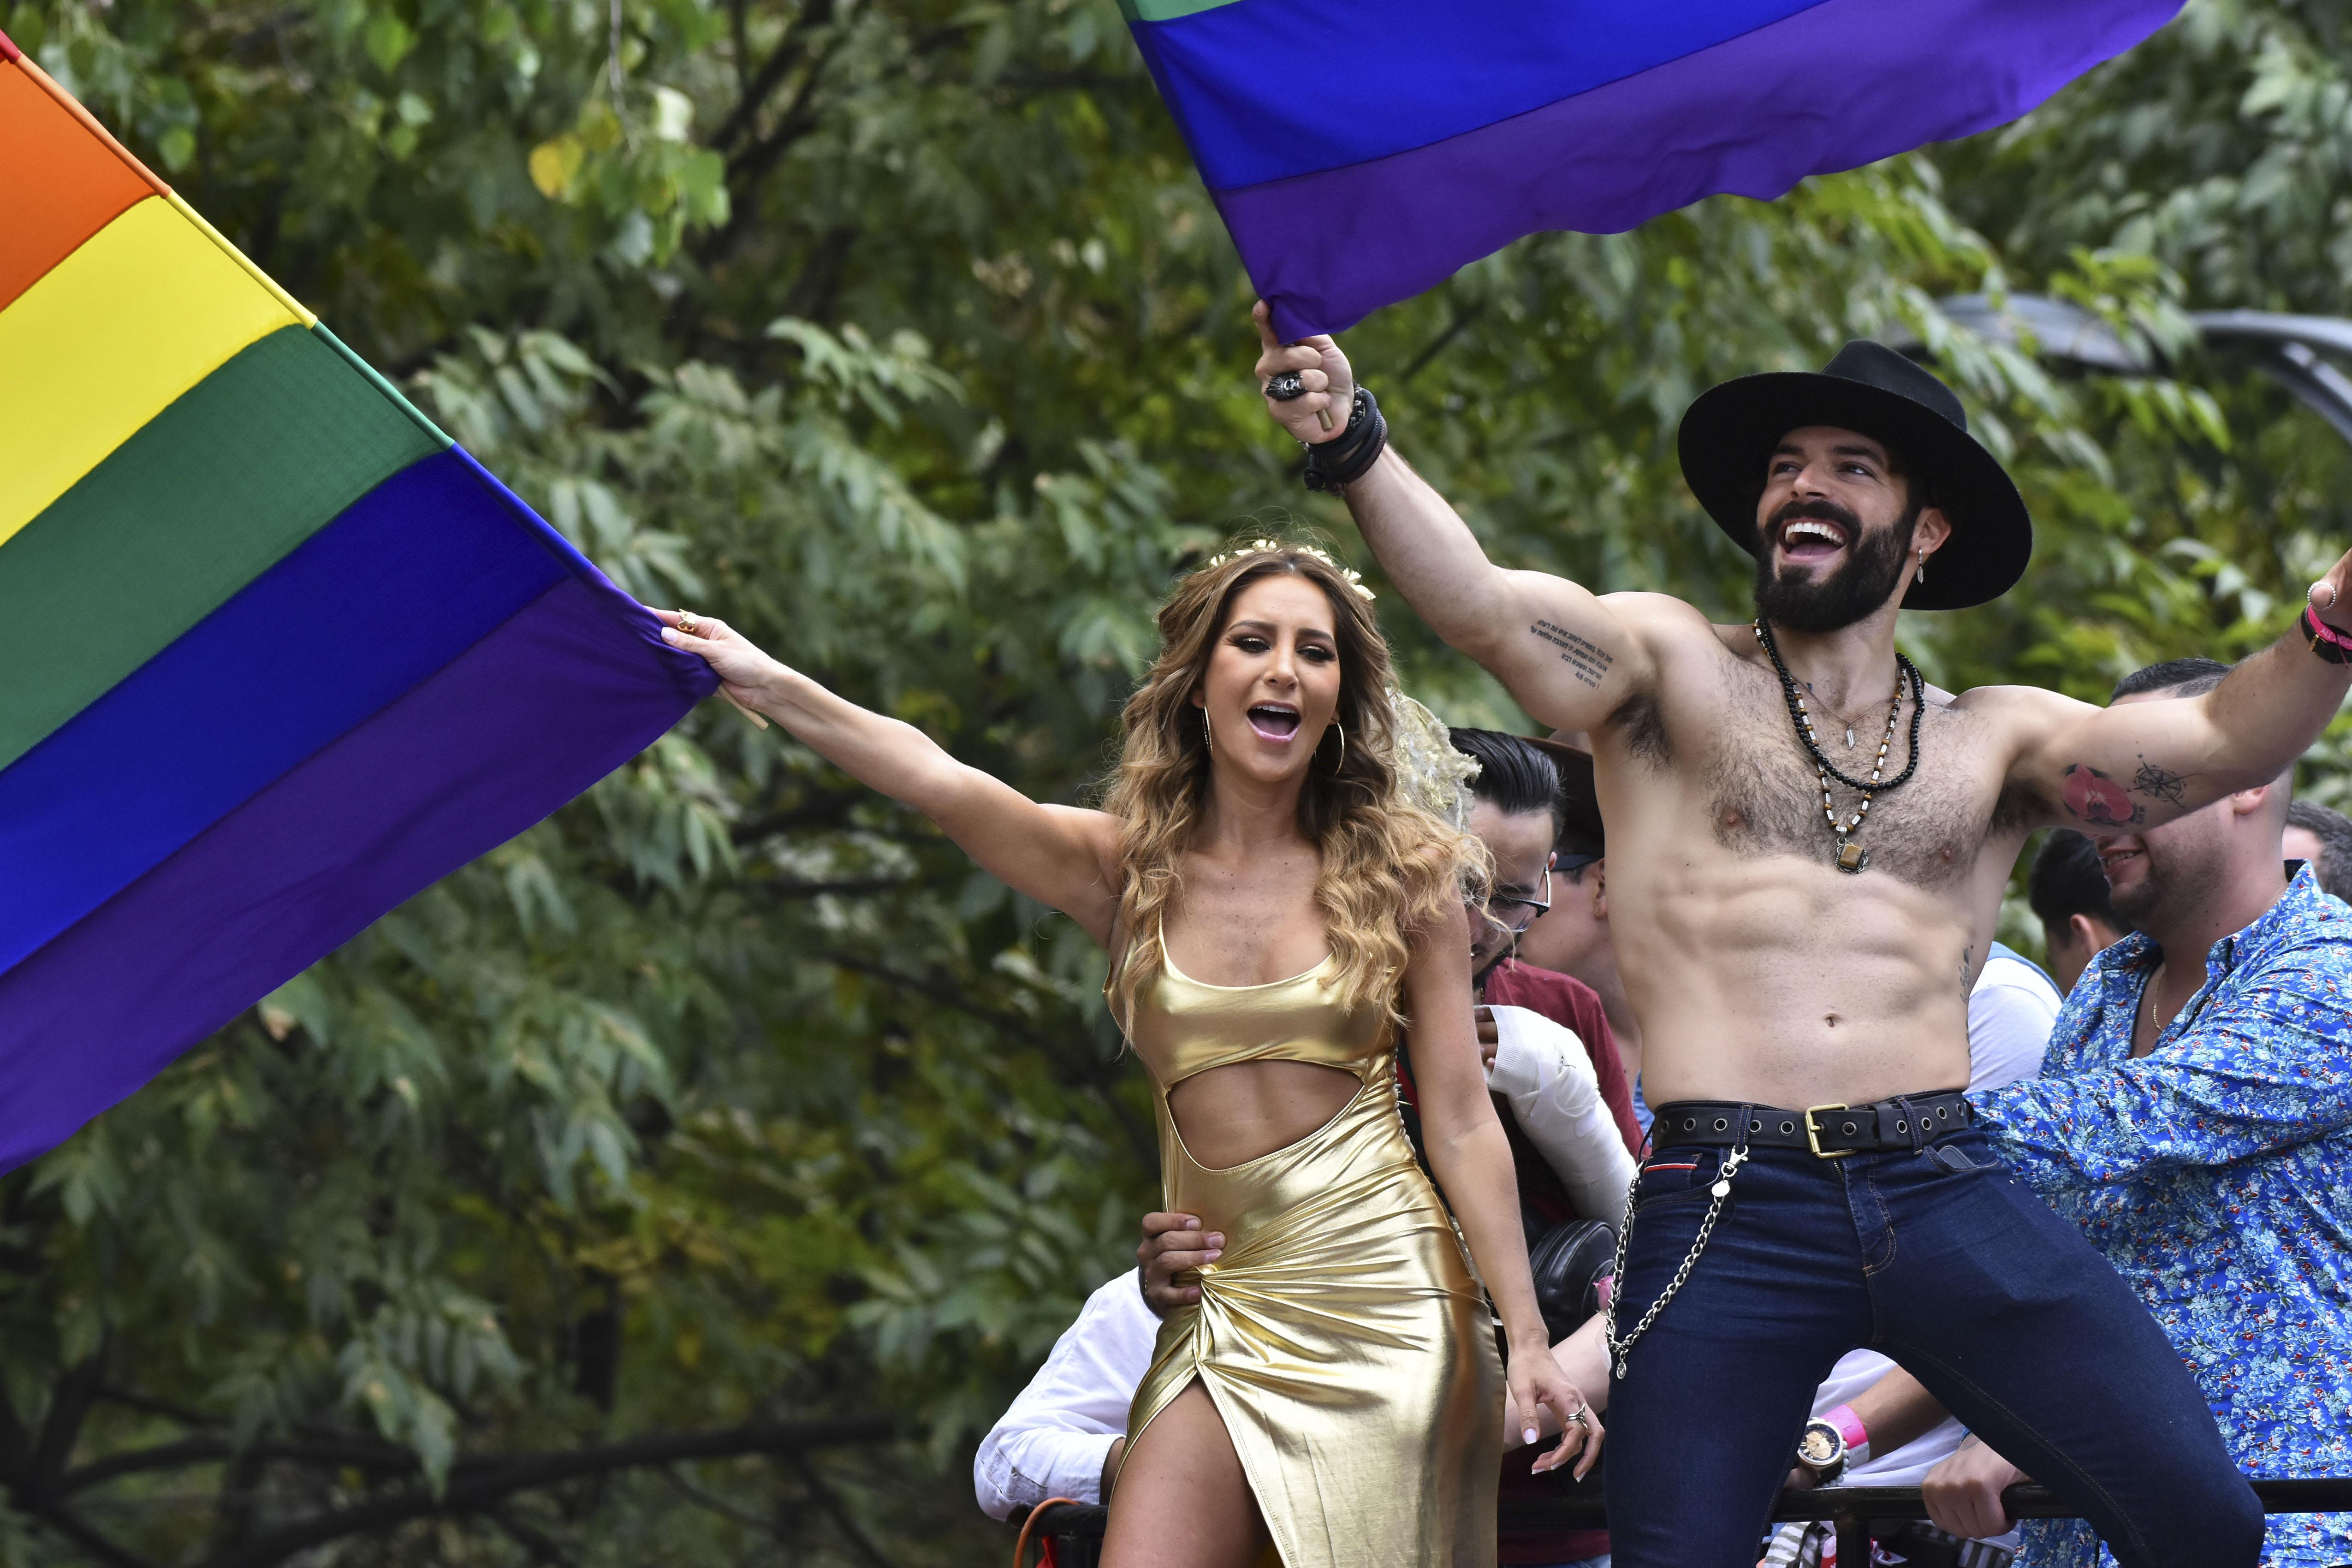 Geraldine Bazán y Adrian Di Monte celebrando el Día Internacional del Orgullo LGBT